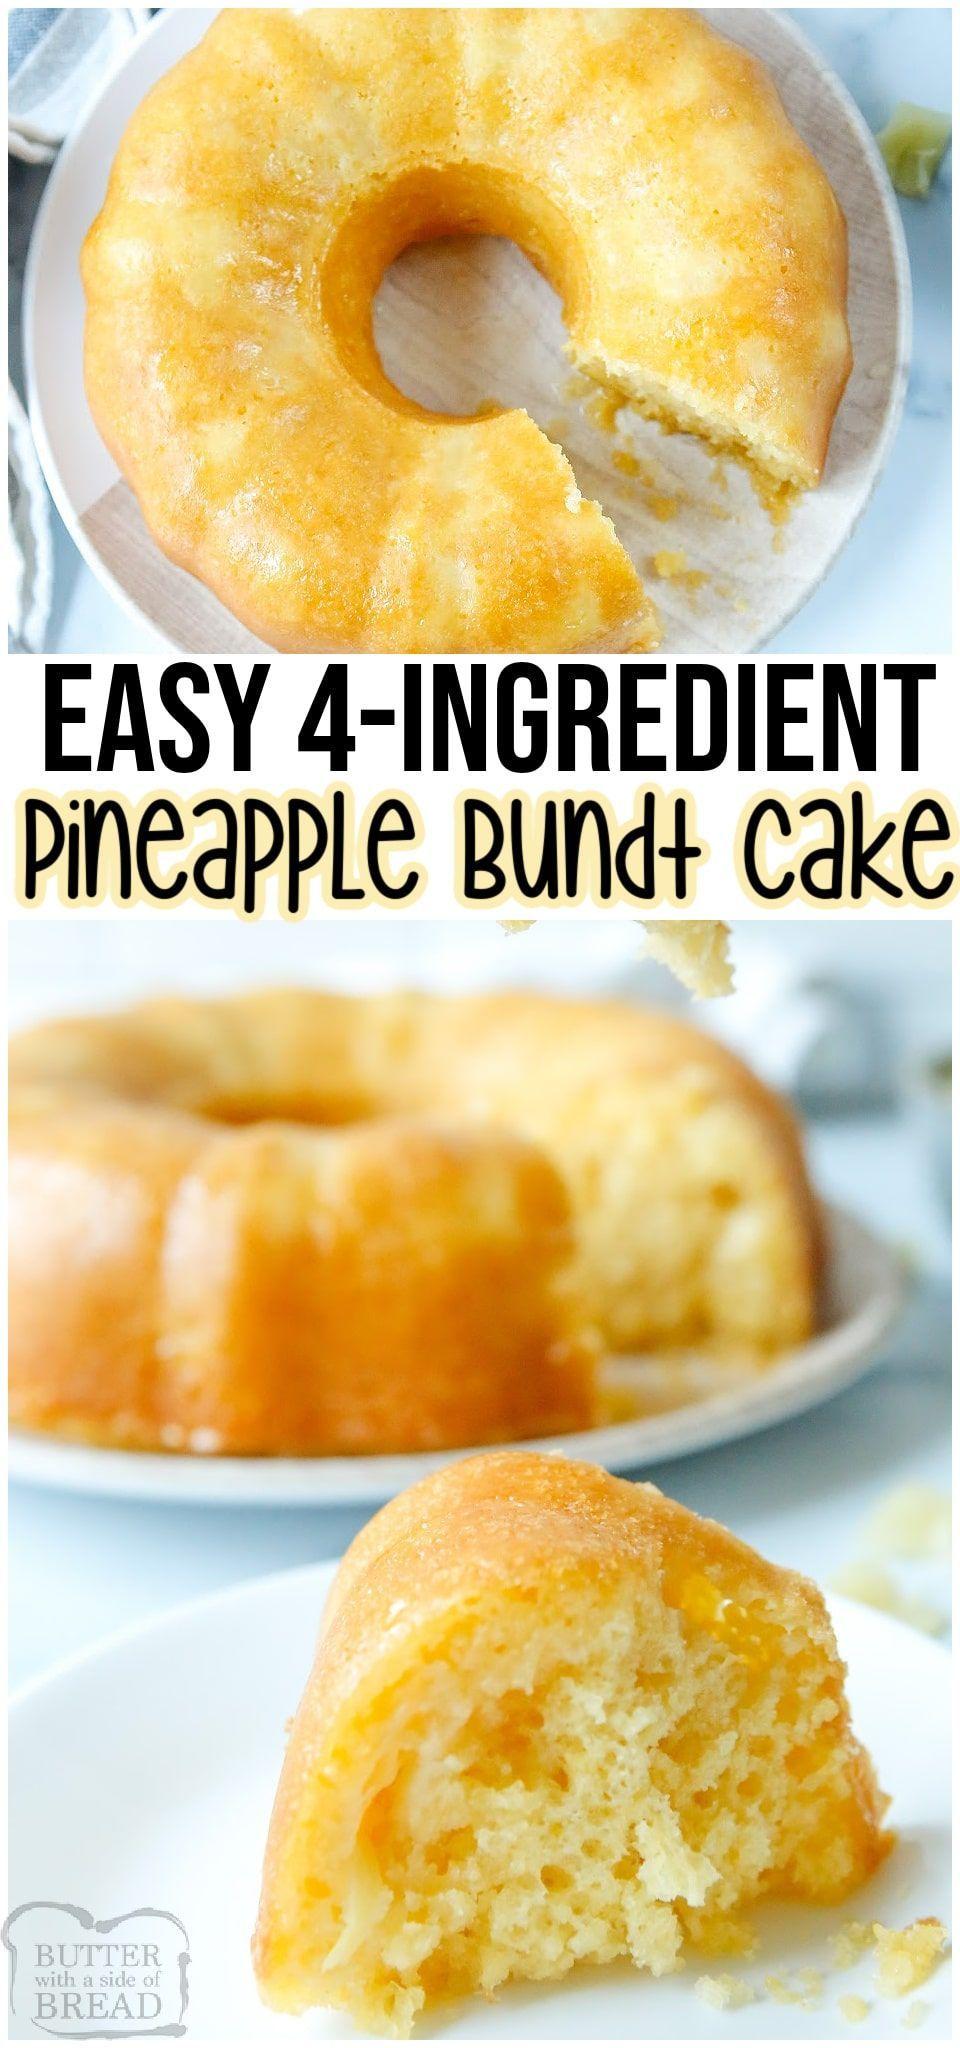 EASY PINEAPPLE BUNDT CAKE